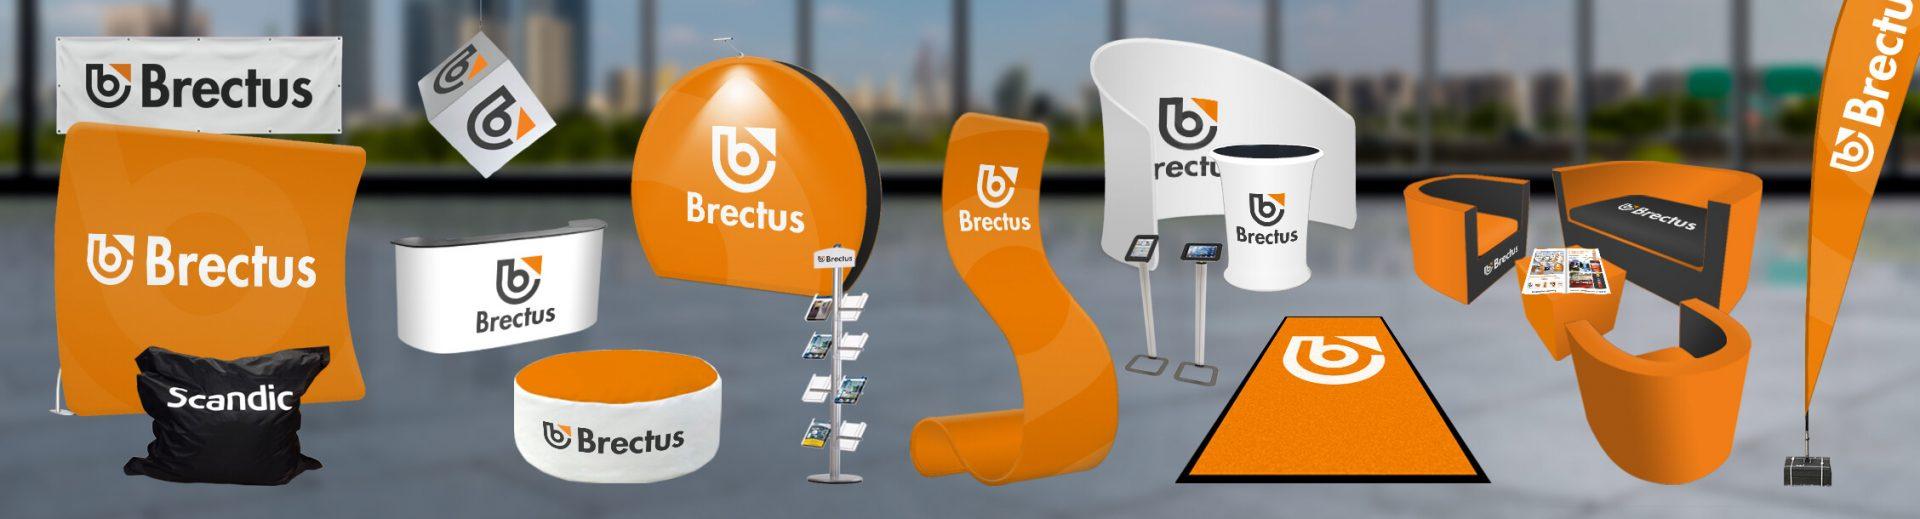 Exhibition Equipment Brectus Arena Advertising